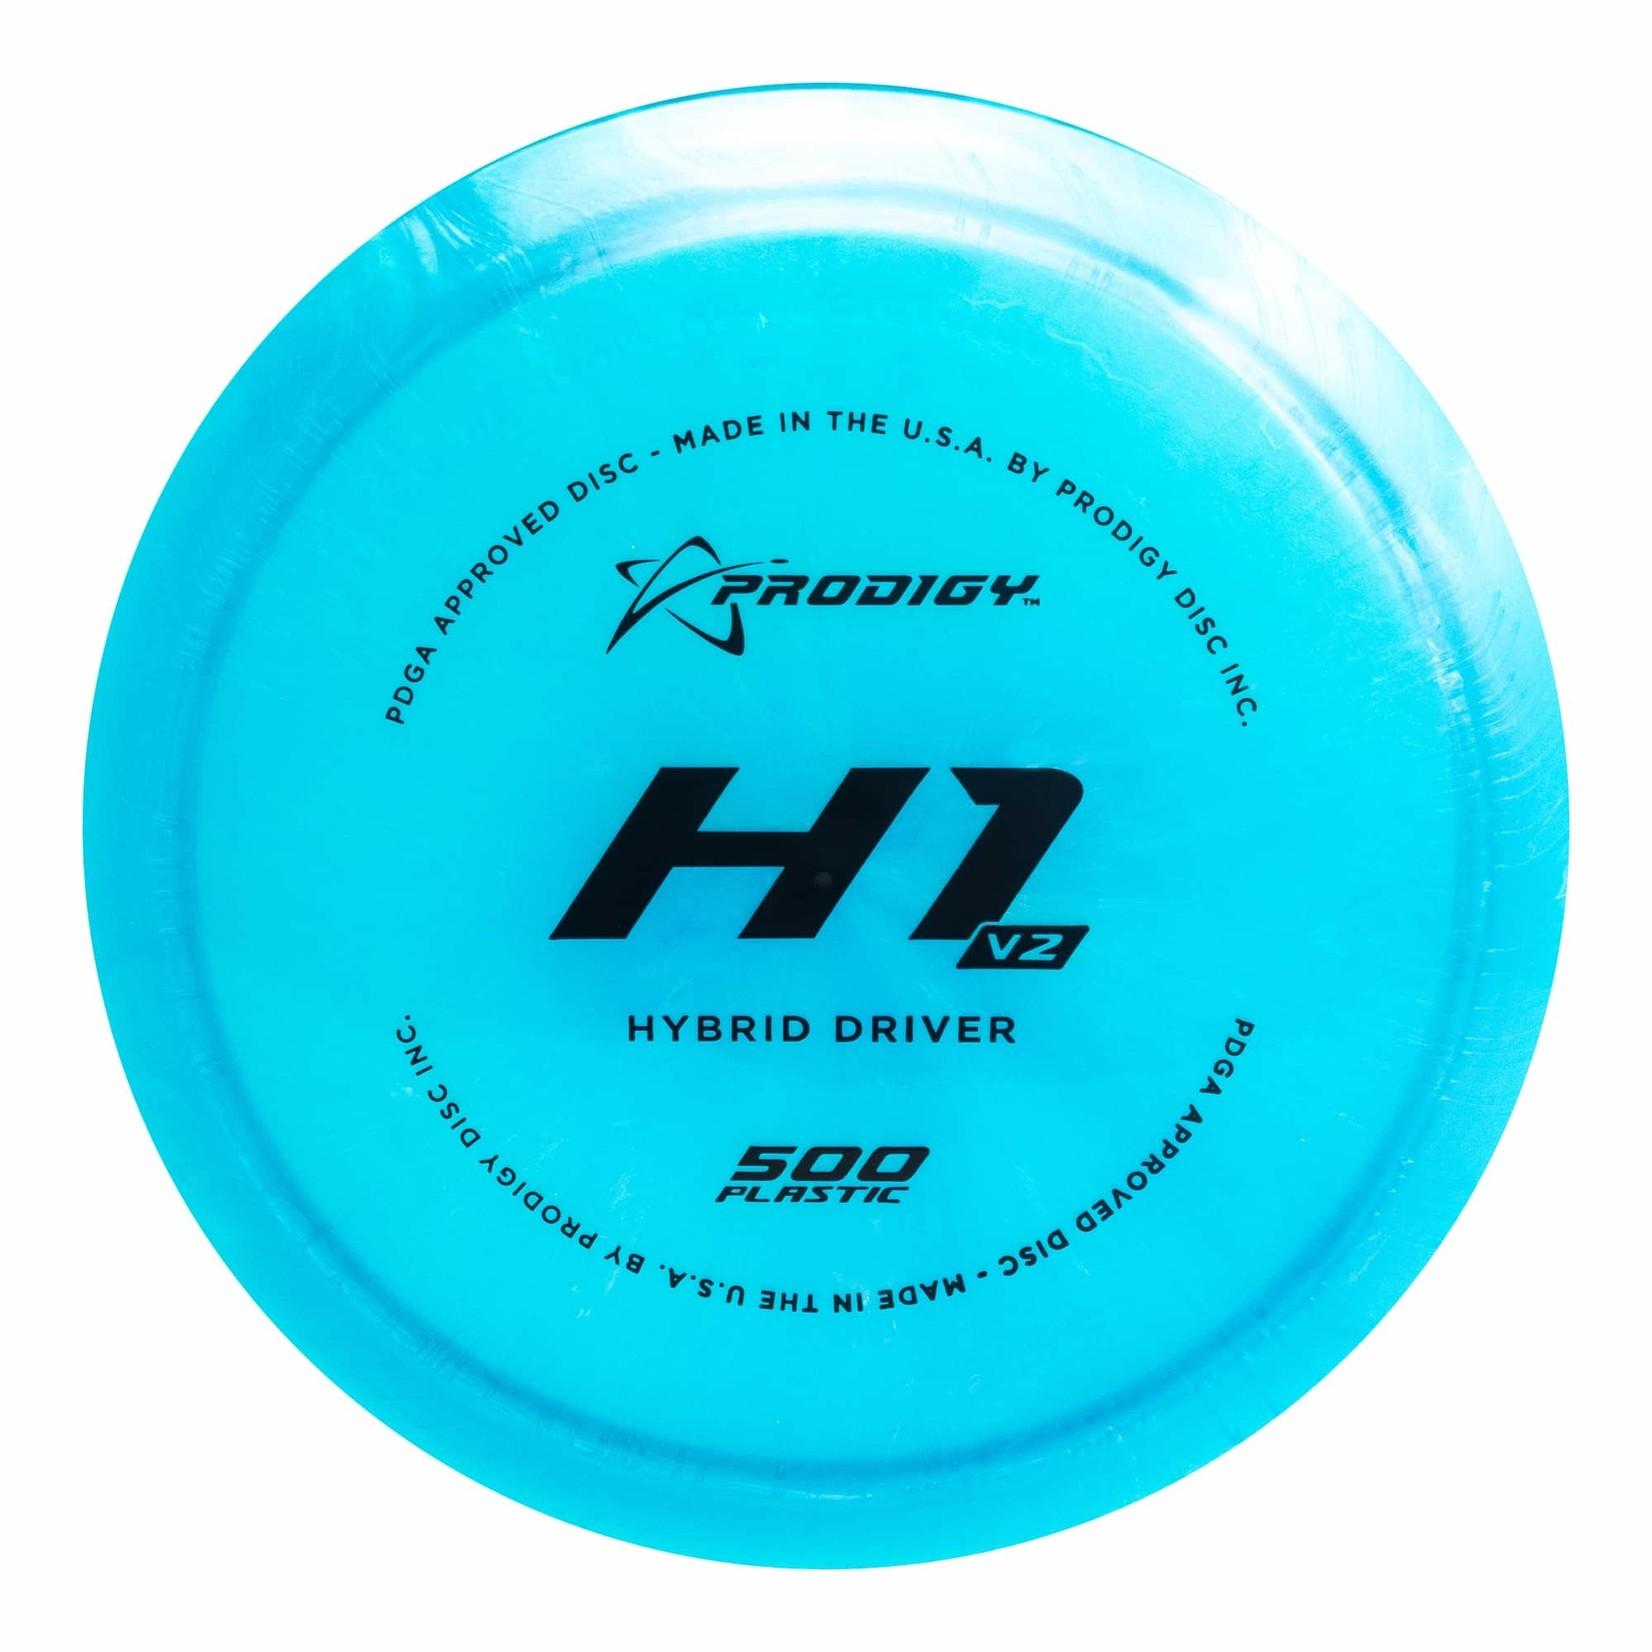 Prodigy Prodigy Disc, H1 V2 Hybrid Driver, H1 V2-5-176